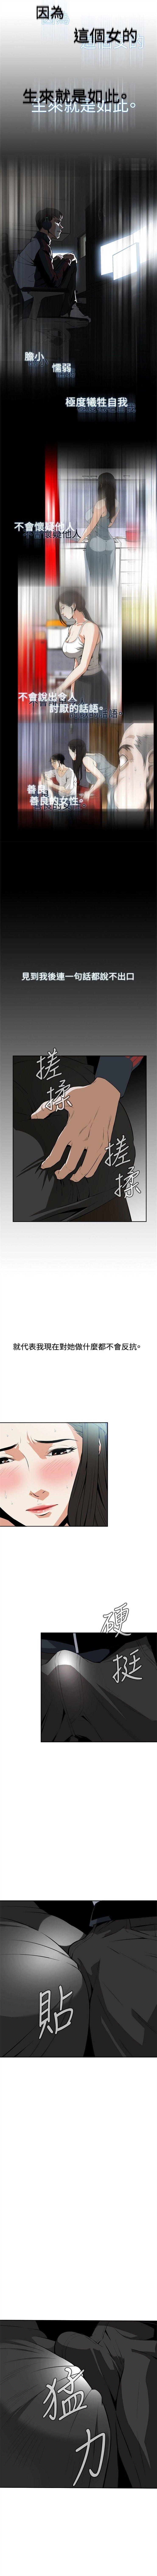 偷窥  0-10 中文翻译 (更新中) 71